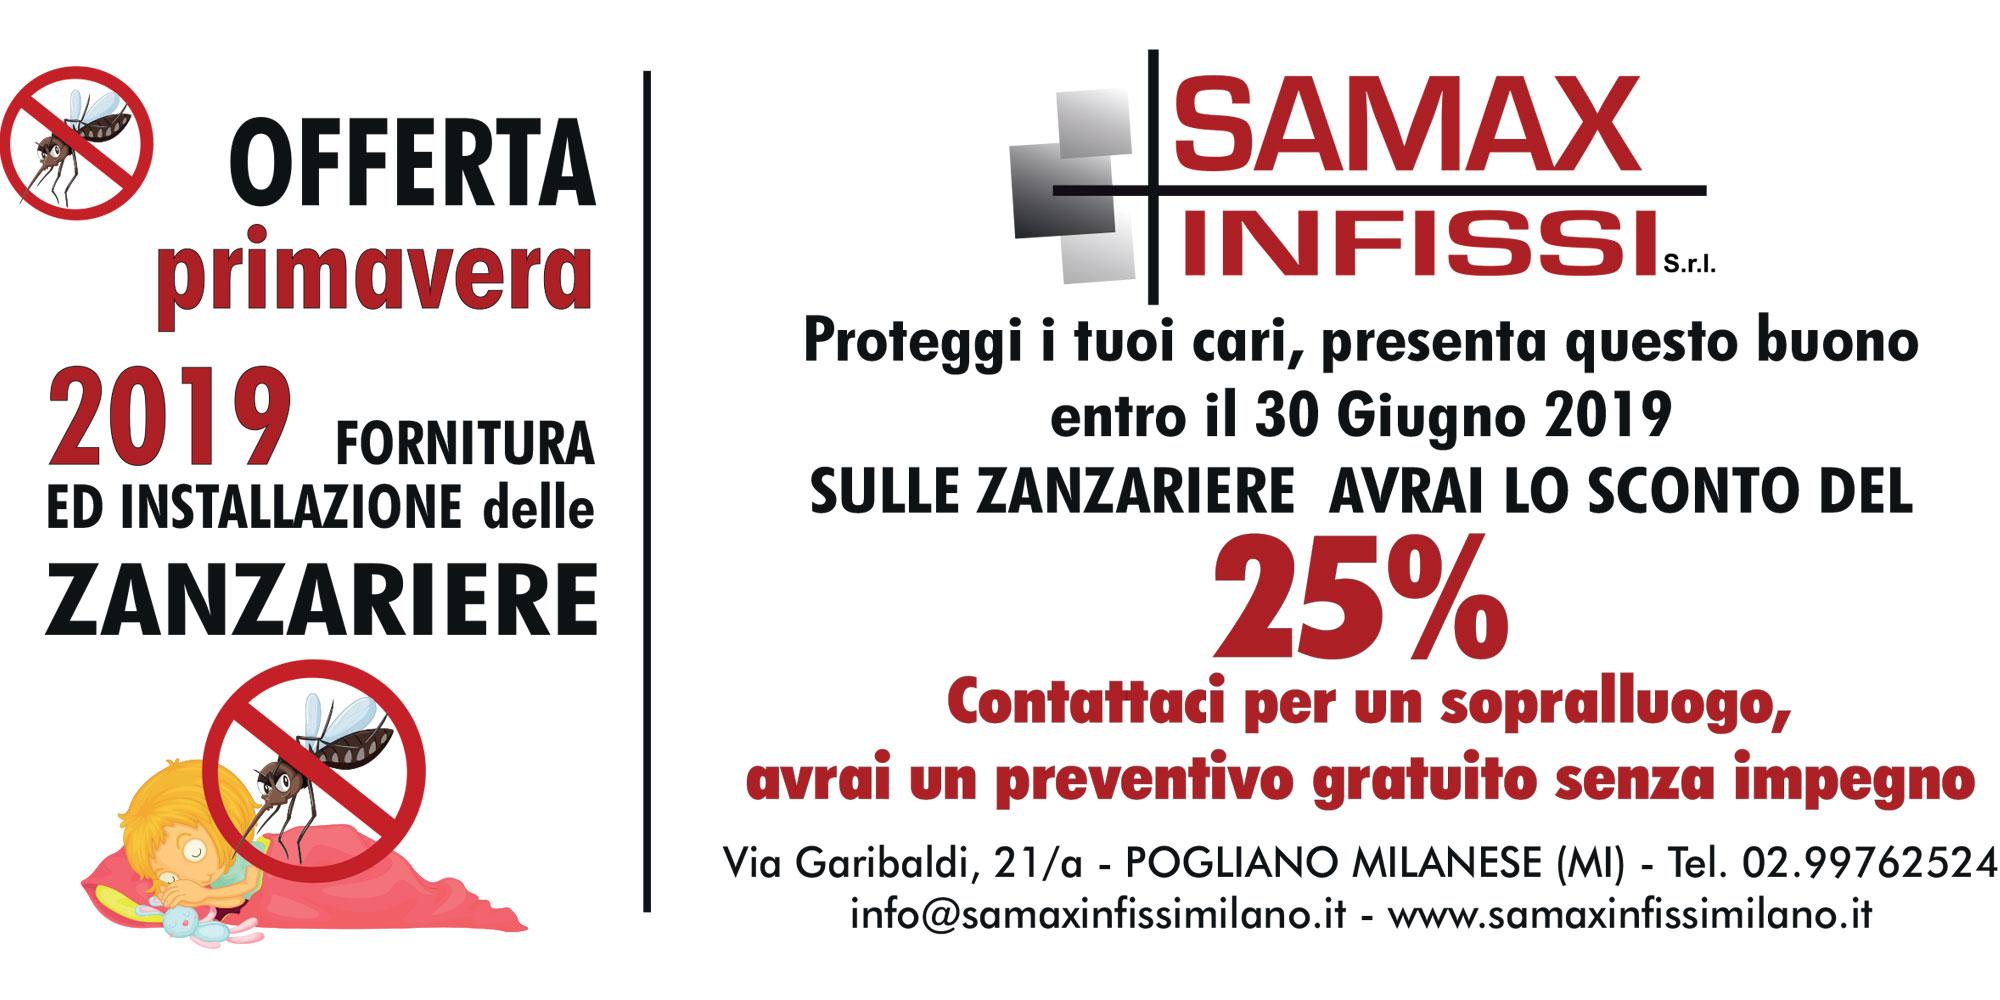 promozioneSamax2019